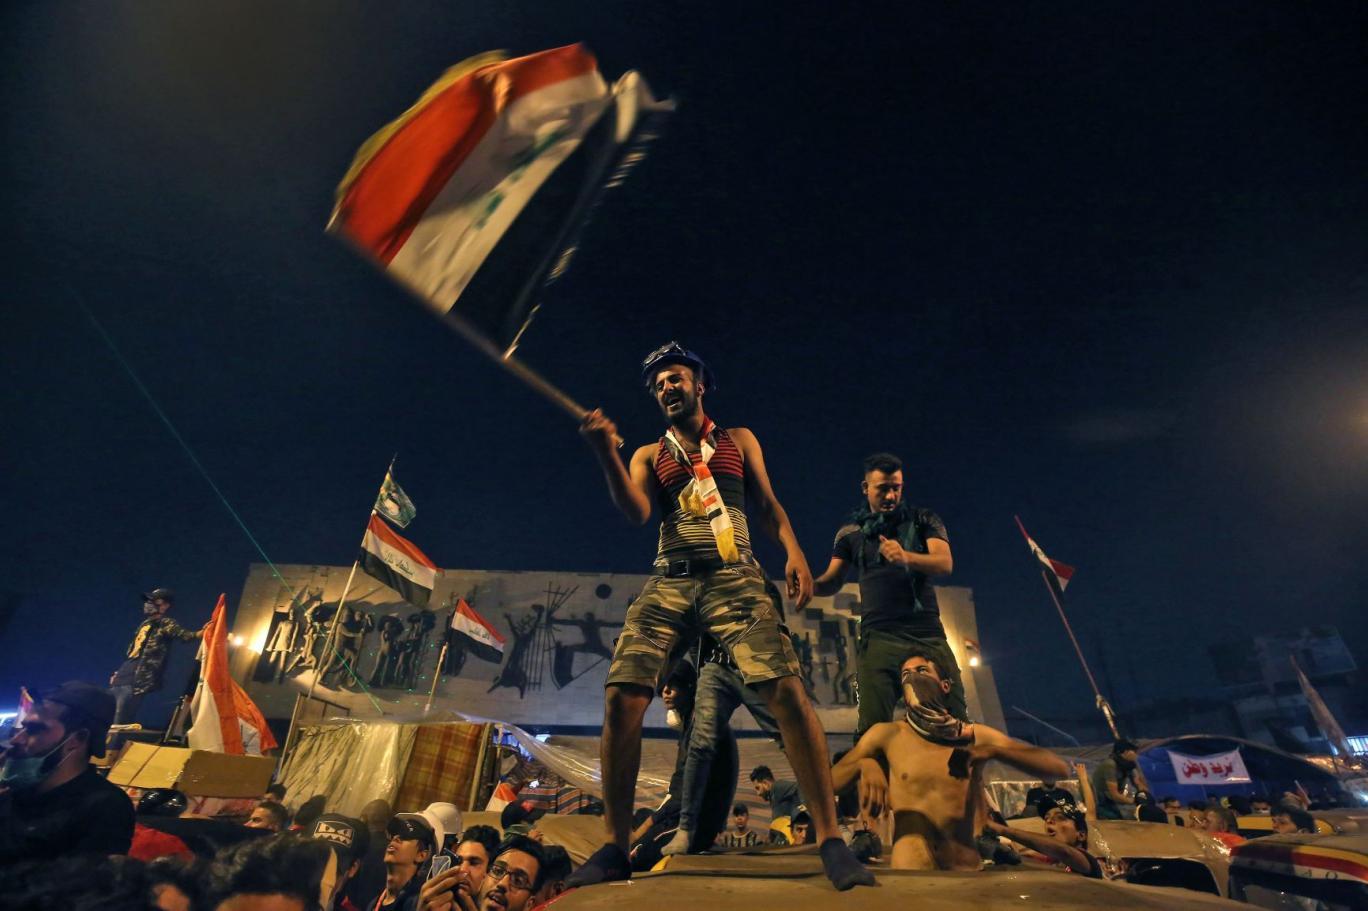 كاتب: رؤوس الحشد المدعومين من إيران هددوا المتظاهرين بالويل والثبور